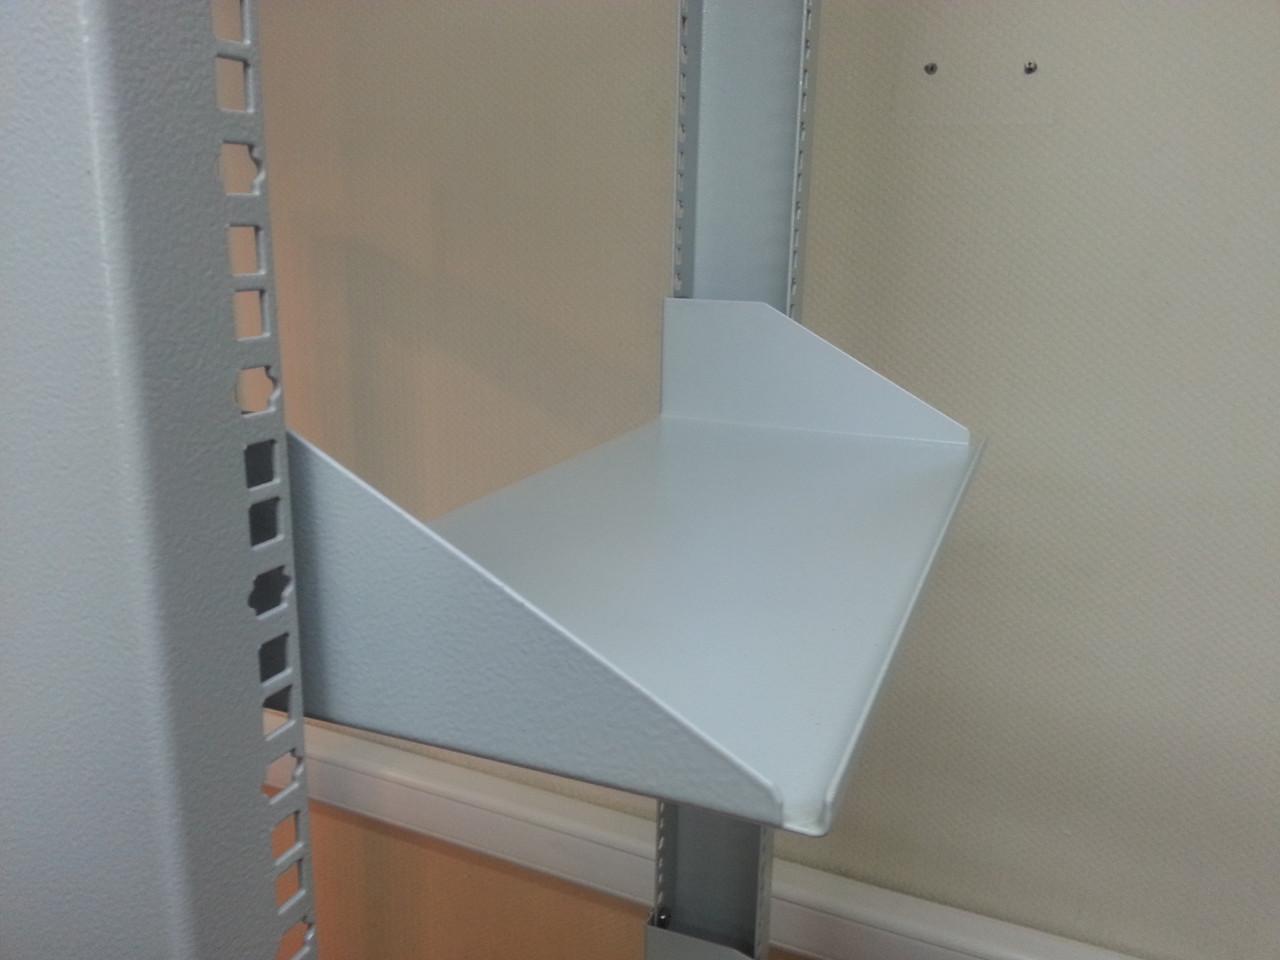 Полка консольная перфорированная МиК креп. за 1 раму до 25 кг 2U 200mm